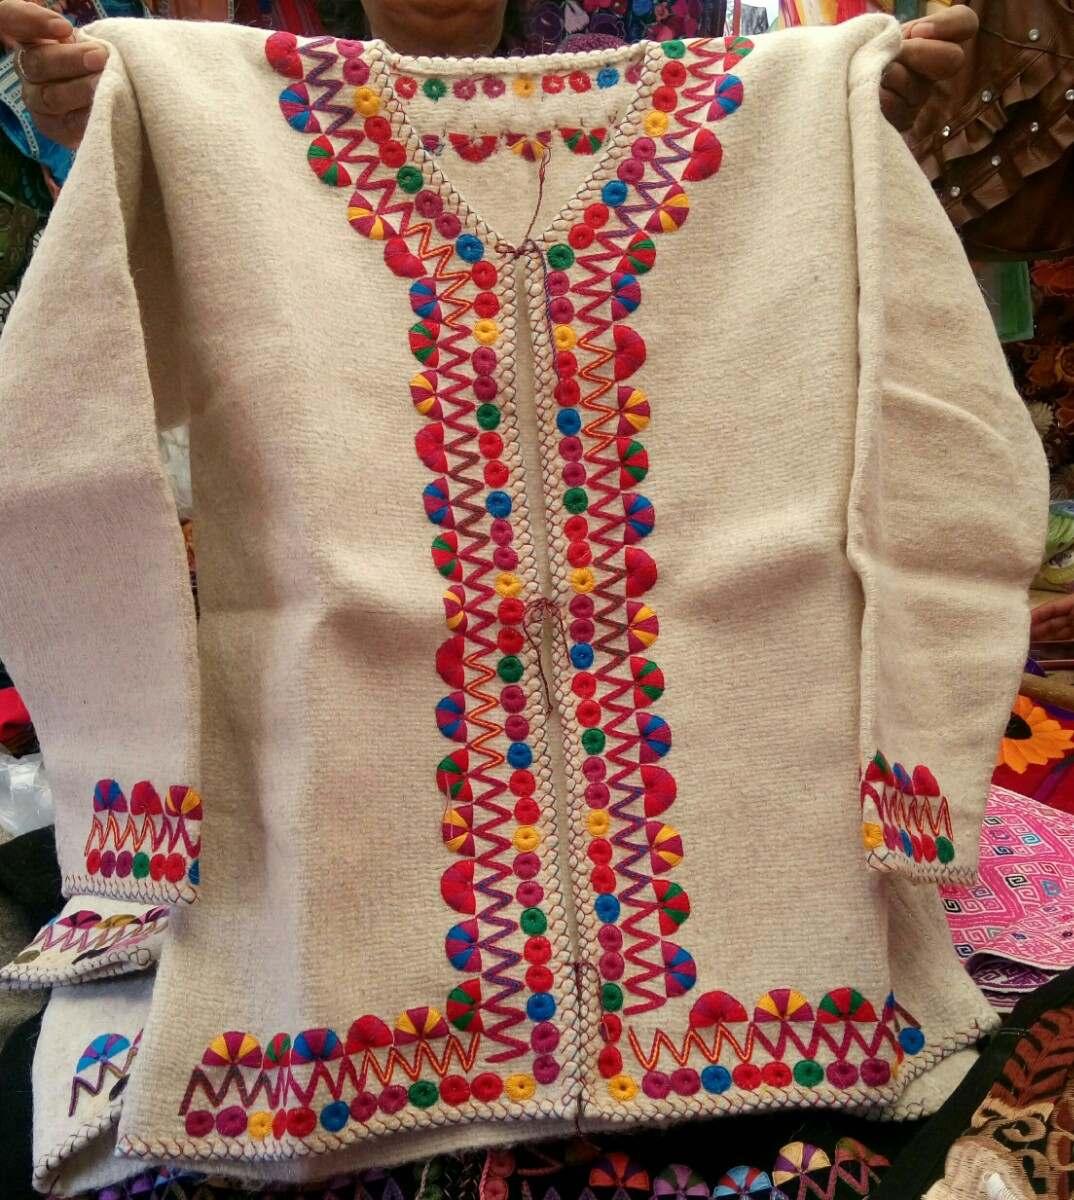 Abrigos de lana artesanales